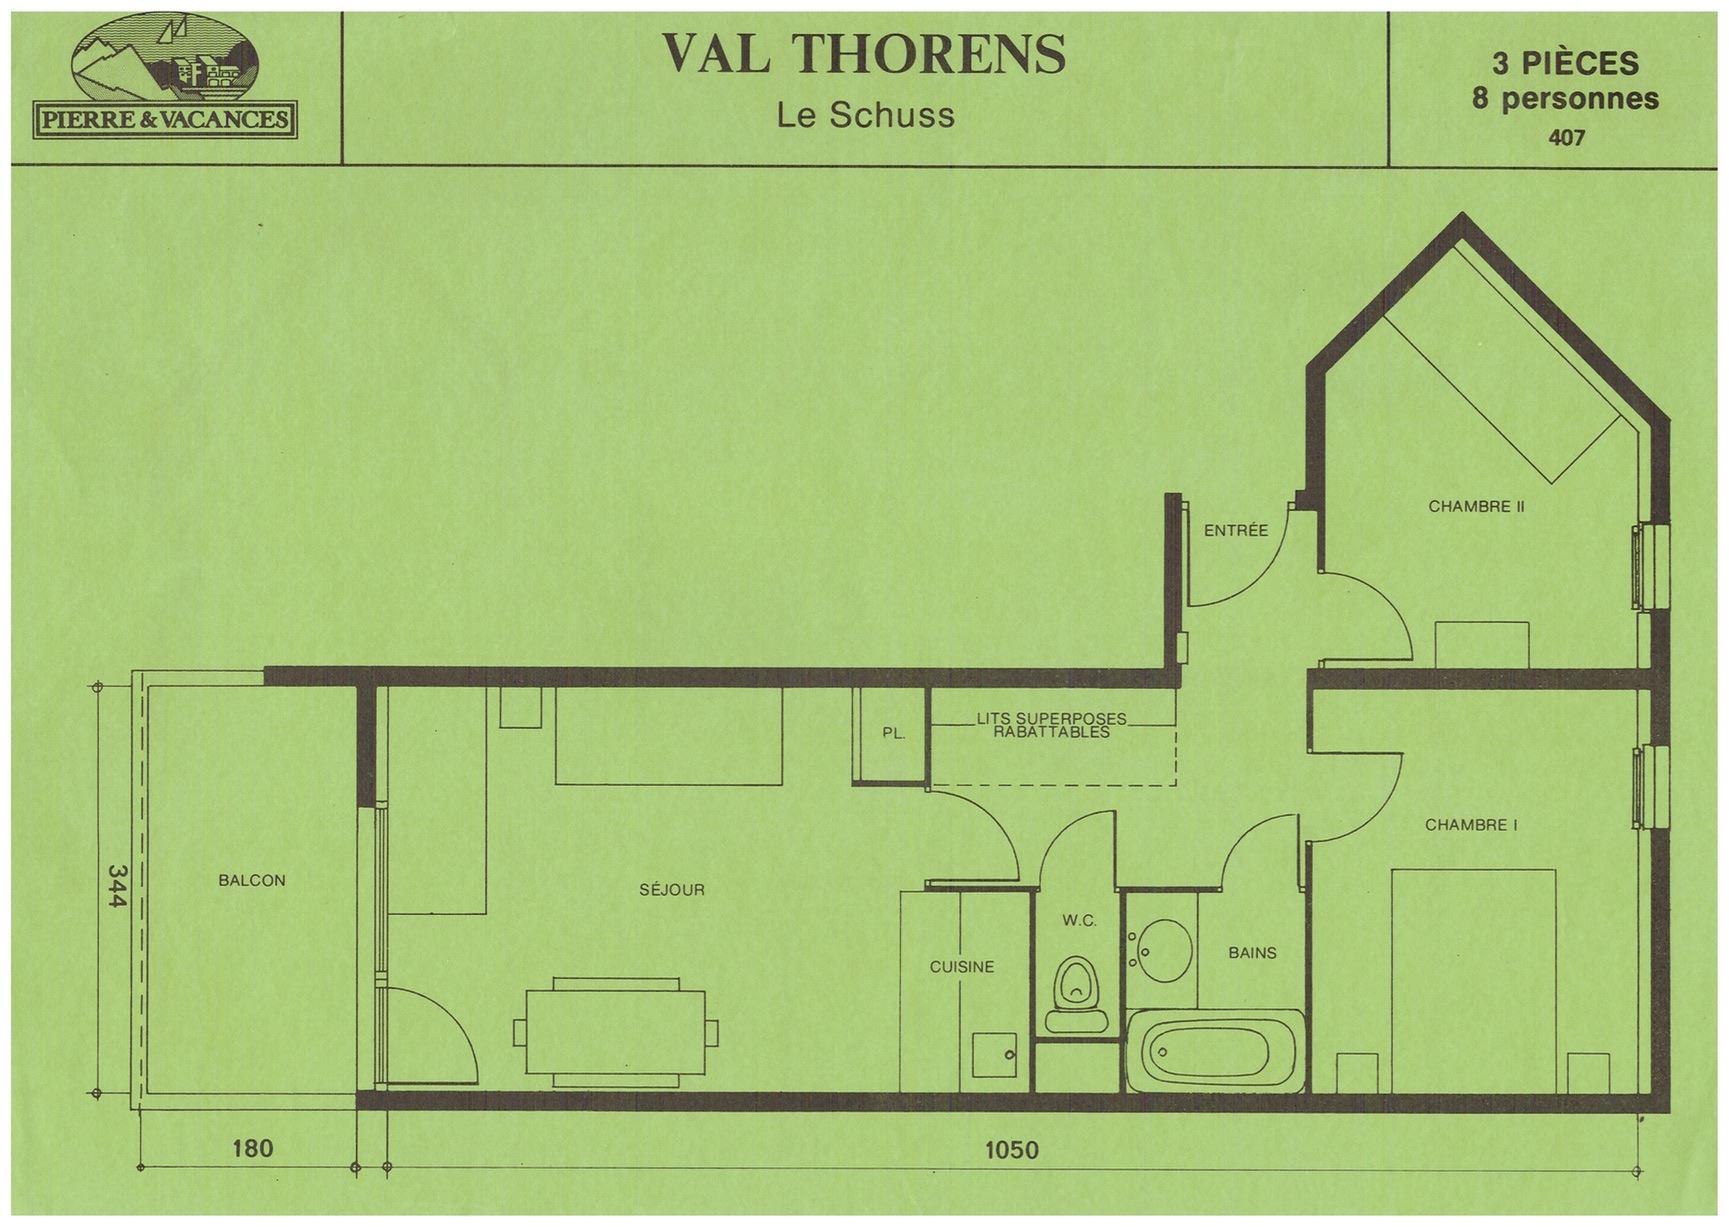 Résidence Schuss - Appartement - 3 pièces - 8 personnes (ABR)